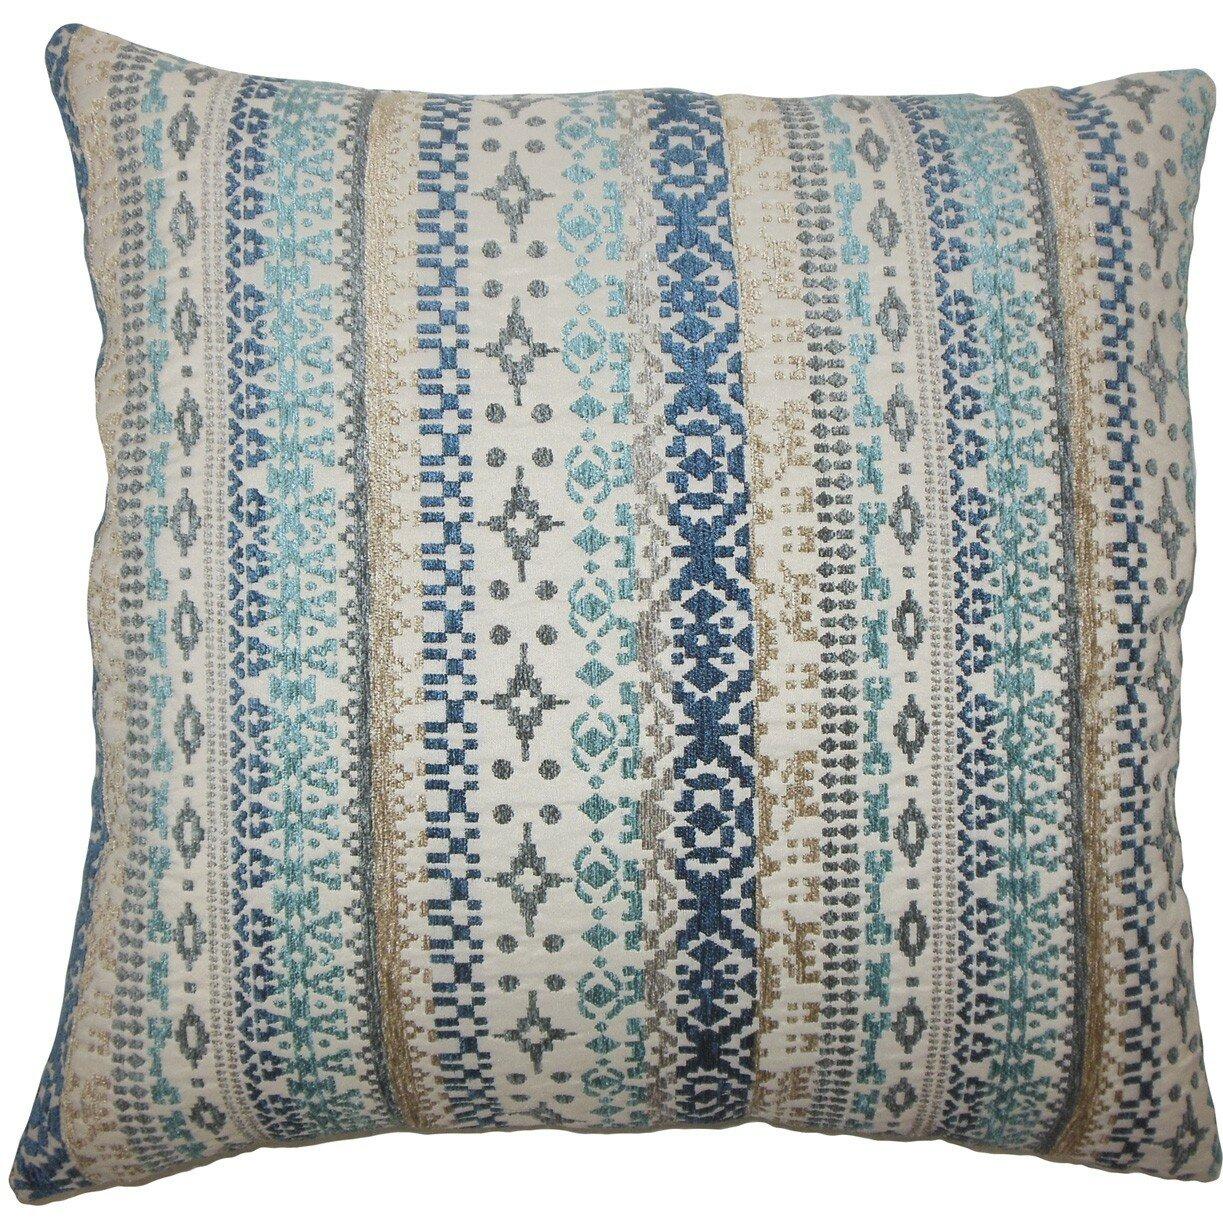 Throw Pillows Ikat : The Pillow Collection Valko Ikat Throw Pillow Wayfair